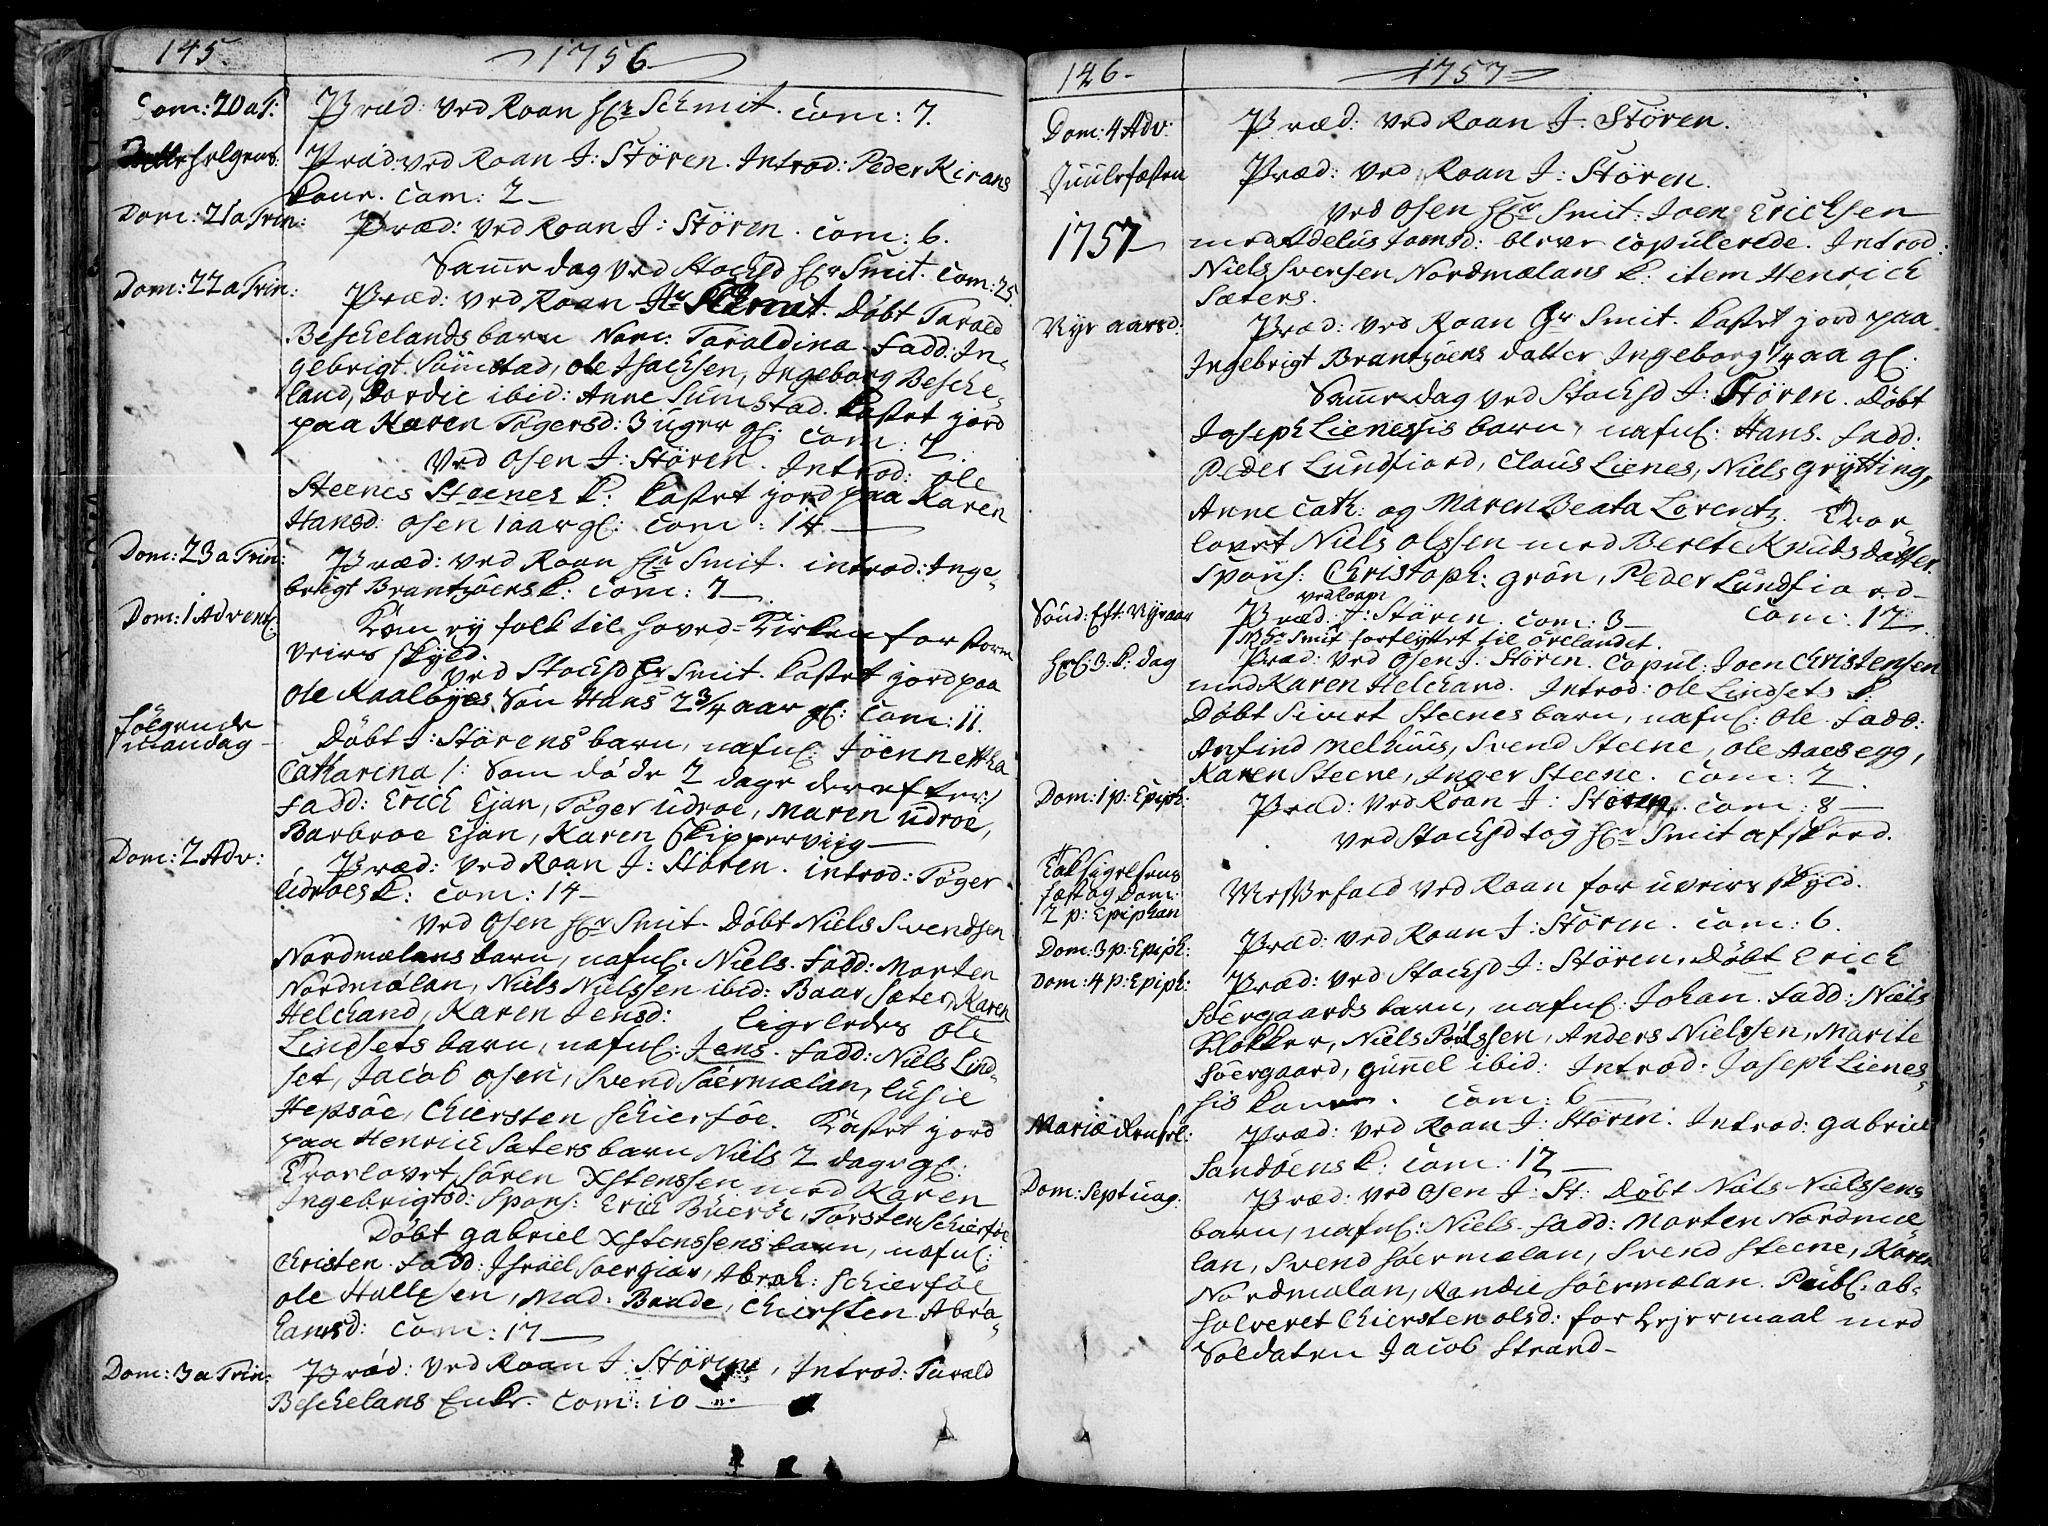 SAT, Ministerialprotokoller, klokkerbøker og fødselsregistre - Sør-Trøndelag, 657/L0700: Ministerialbok nr. 657A01, 1732-1801, s. 145-146